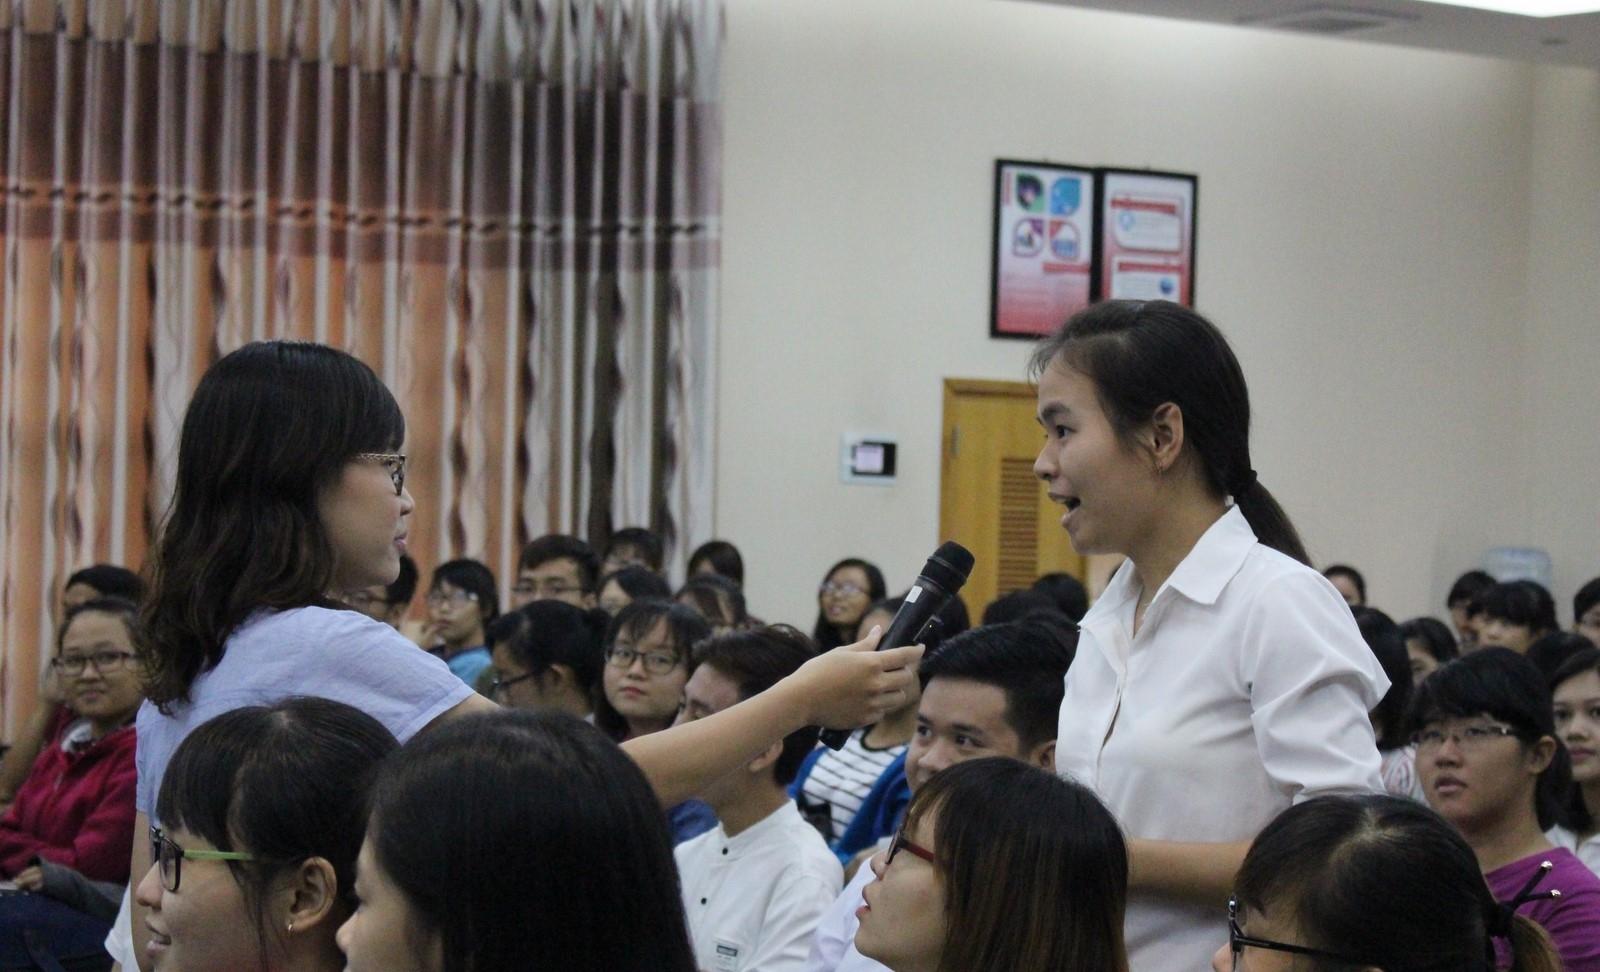 Phần giao lưu thu hút nhiều sự quan tâm của sinh viên